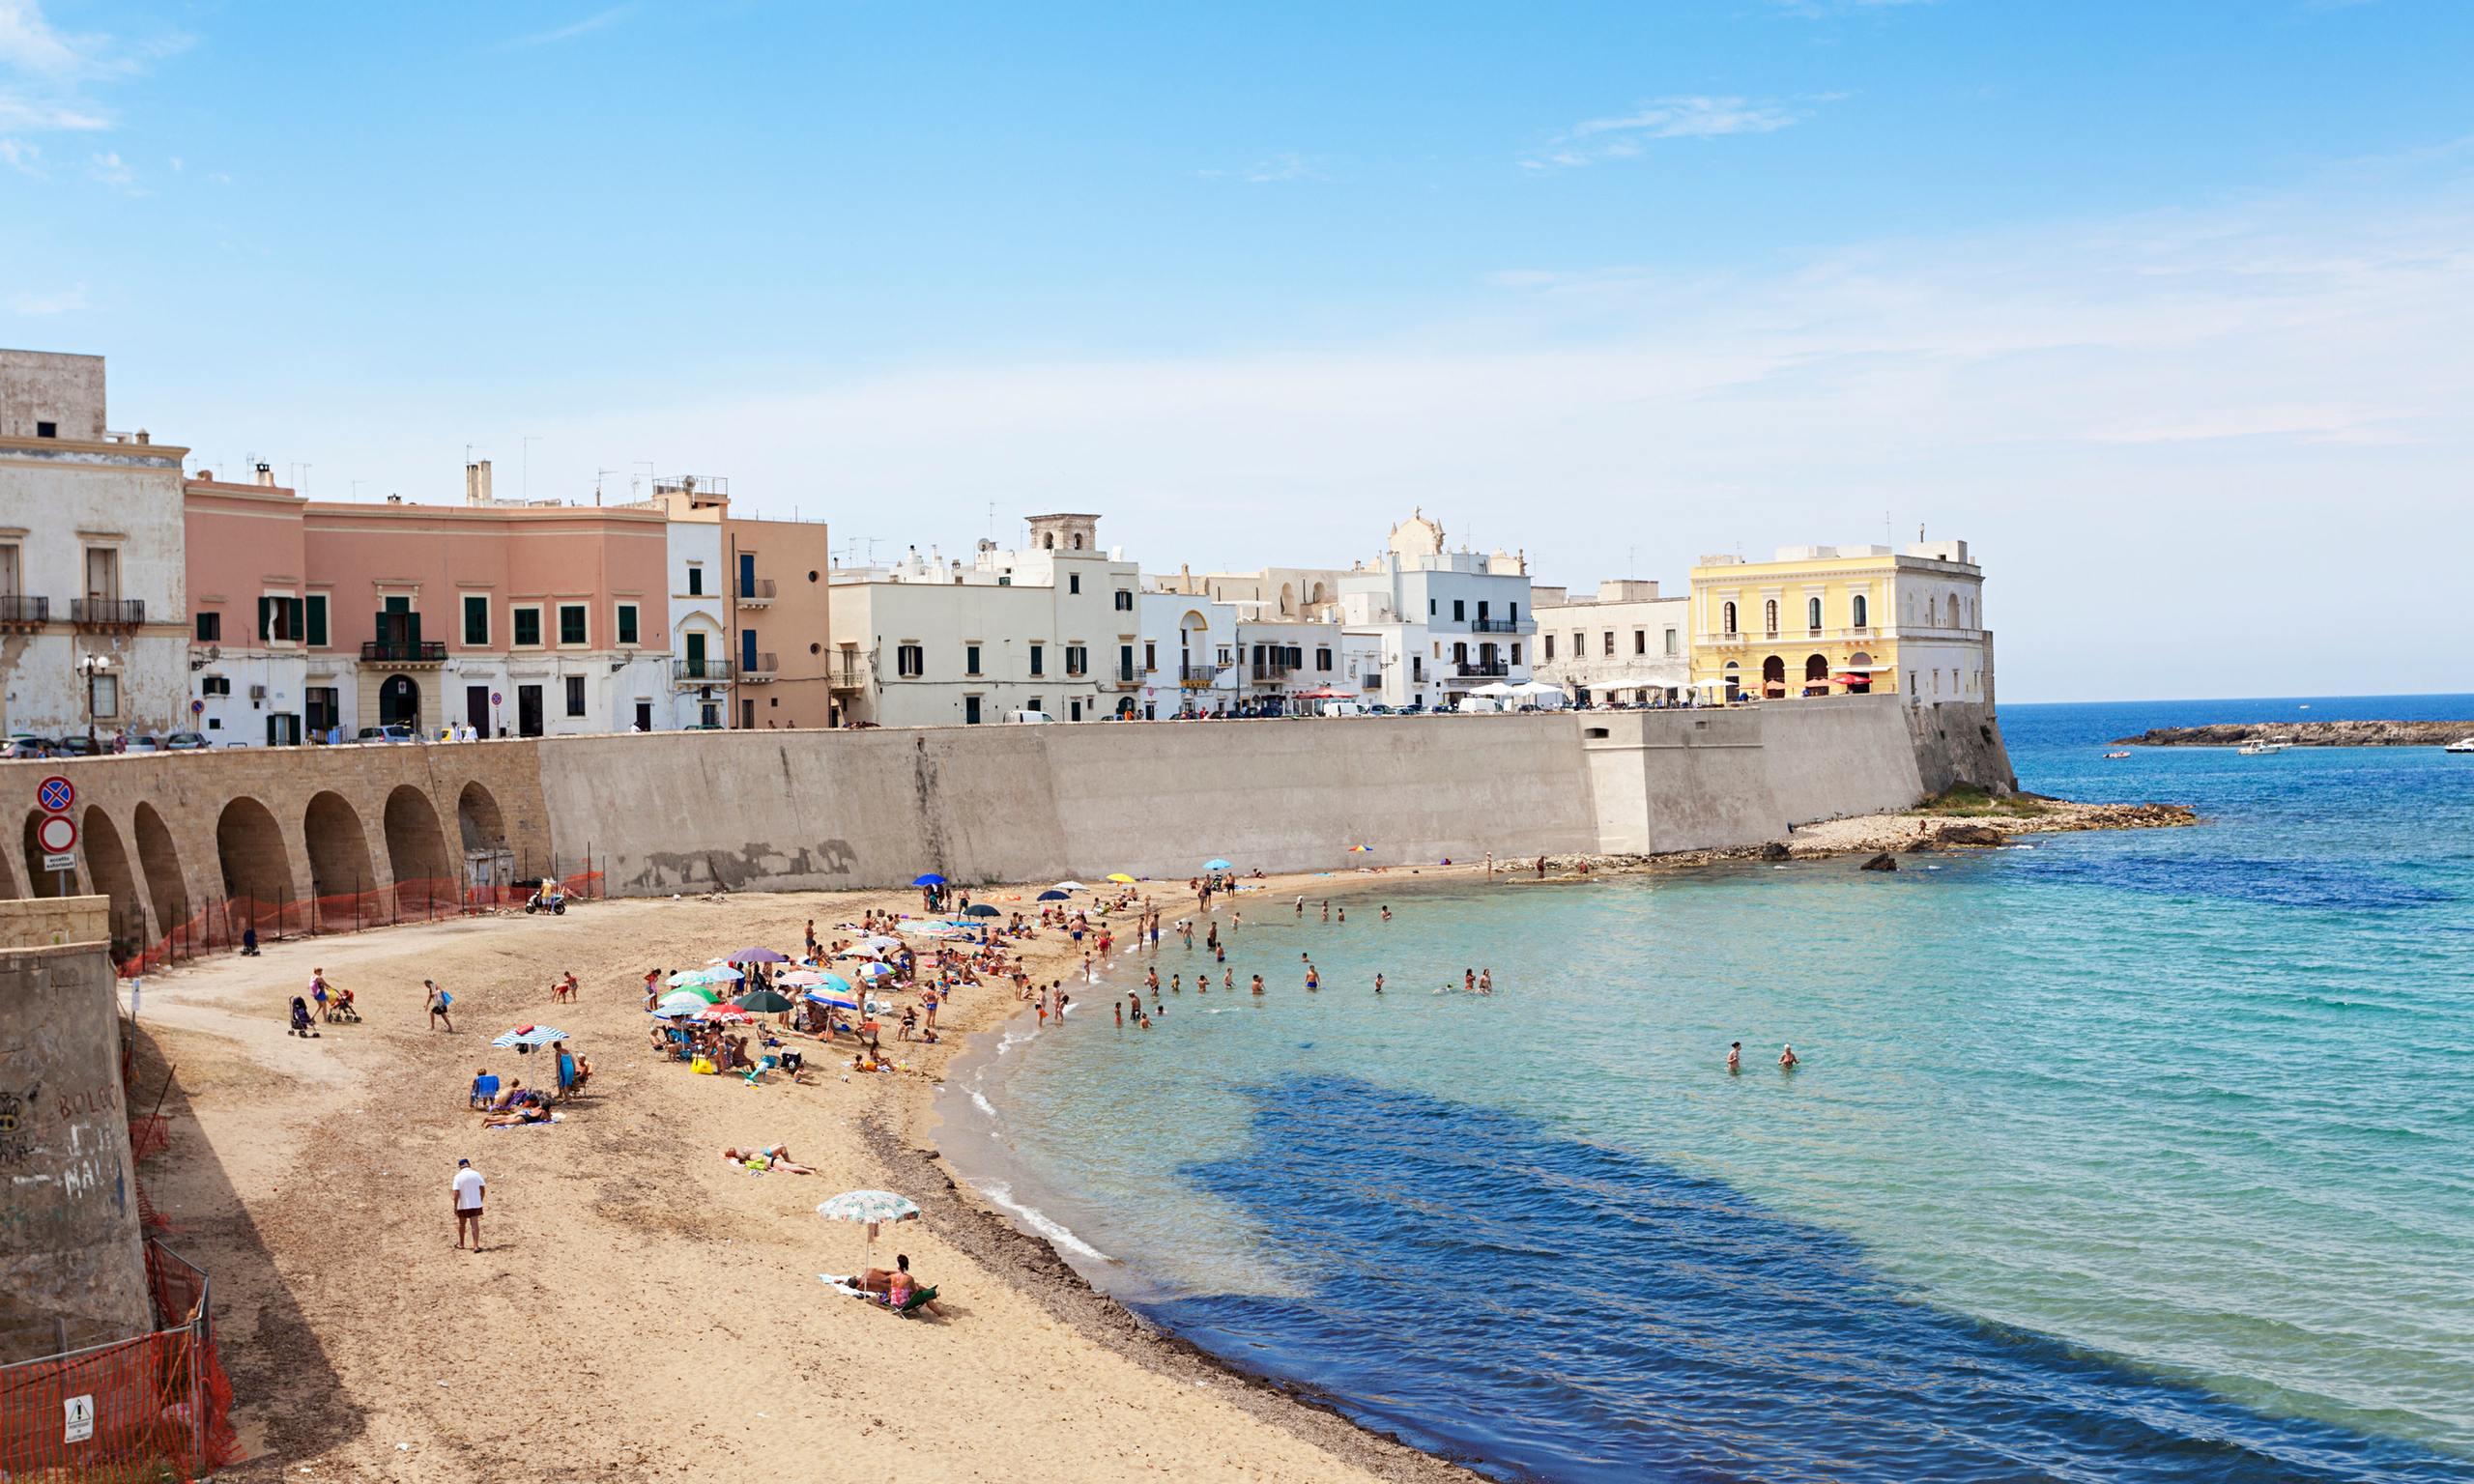 Beach Resorts Near Bari